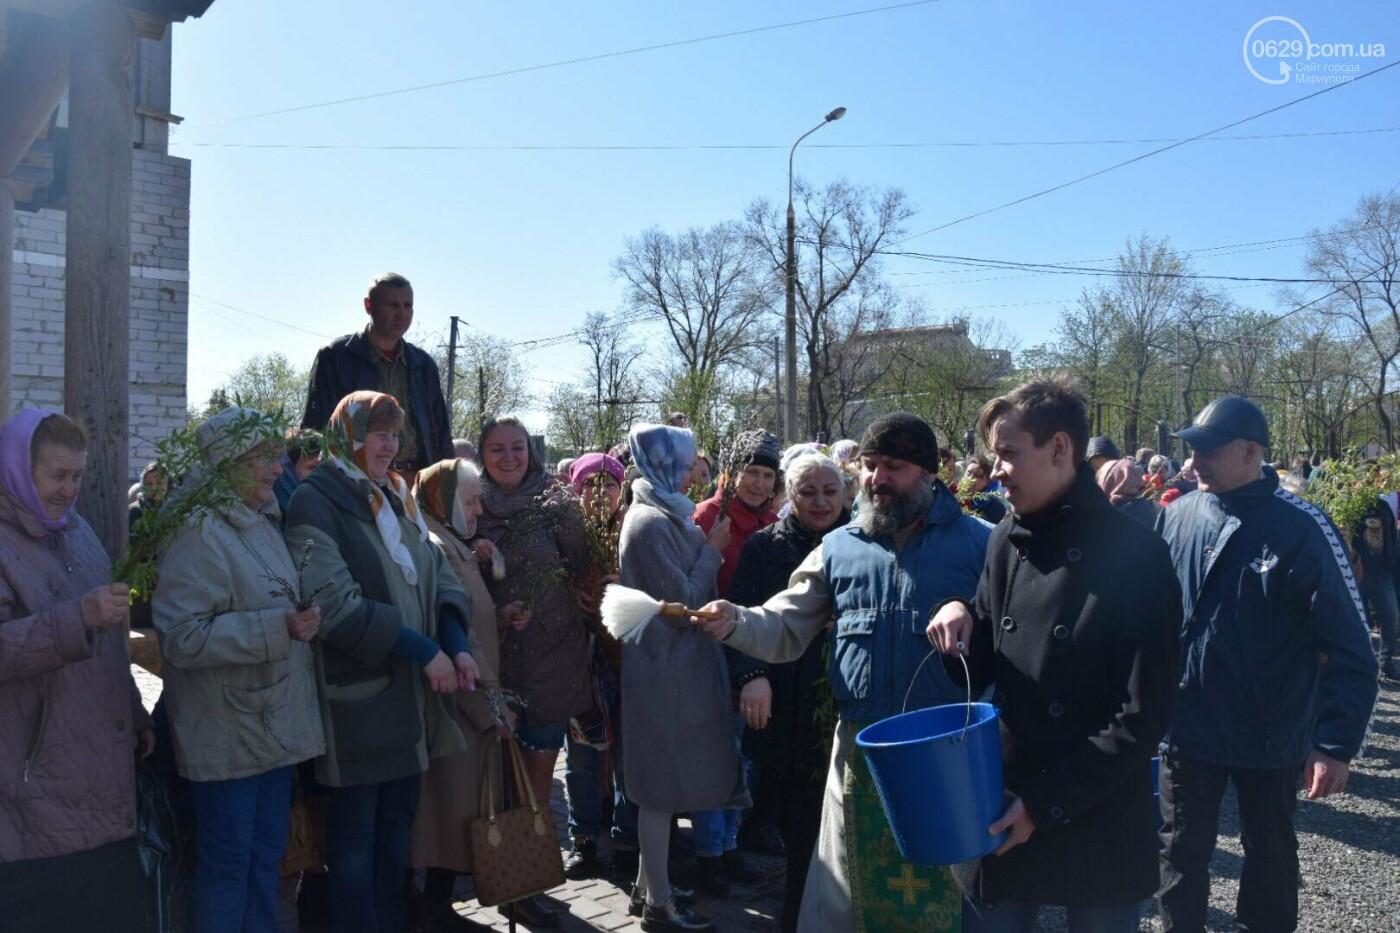 Выборы и верба: как Мариуполь празднует православный праздник, - ФОТОРЕПОРТАЖ, фото-22